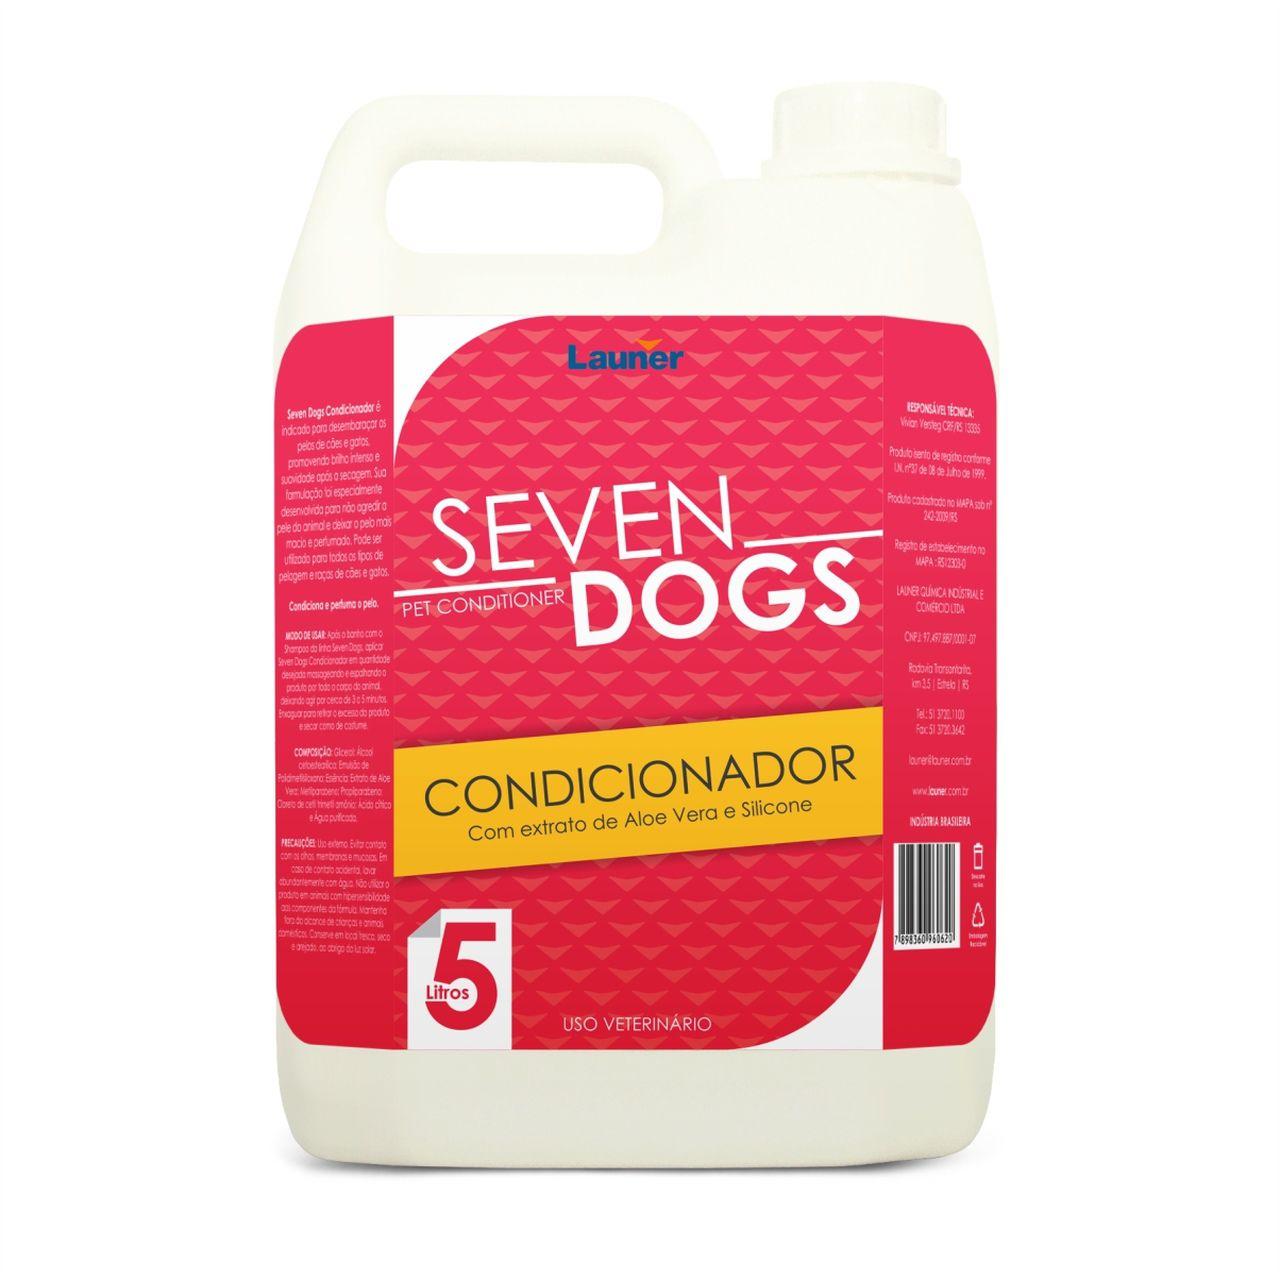 CONDICIONADOR  CACHORRO SEVEN DOGS  5L